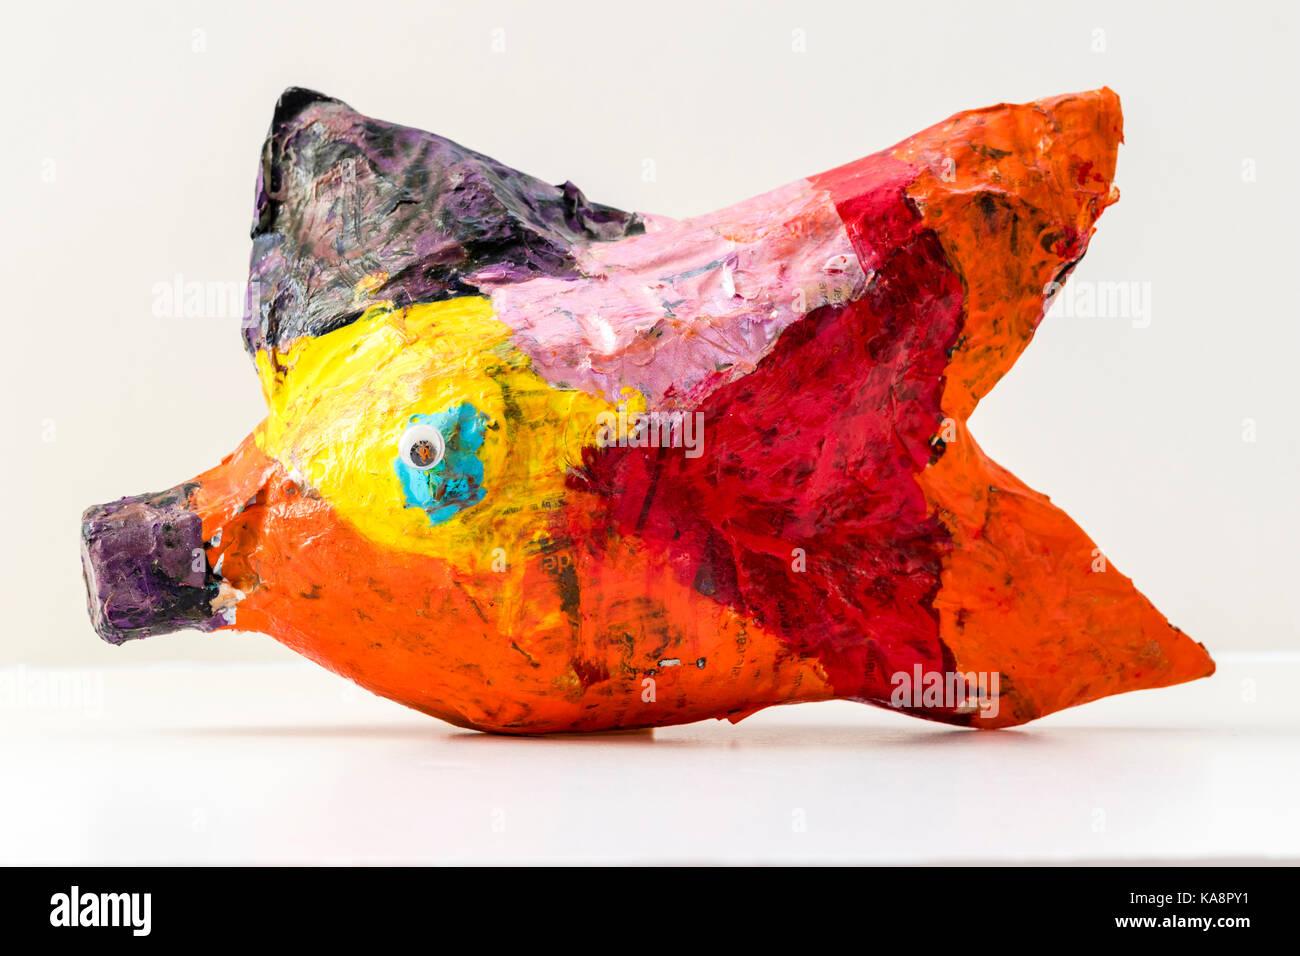 England. Erstellung des Kindes, Pappmaché Fisch mehrfarbige auf hellgrauem Hintergrund. Stockbild